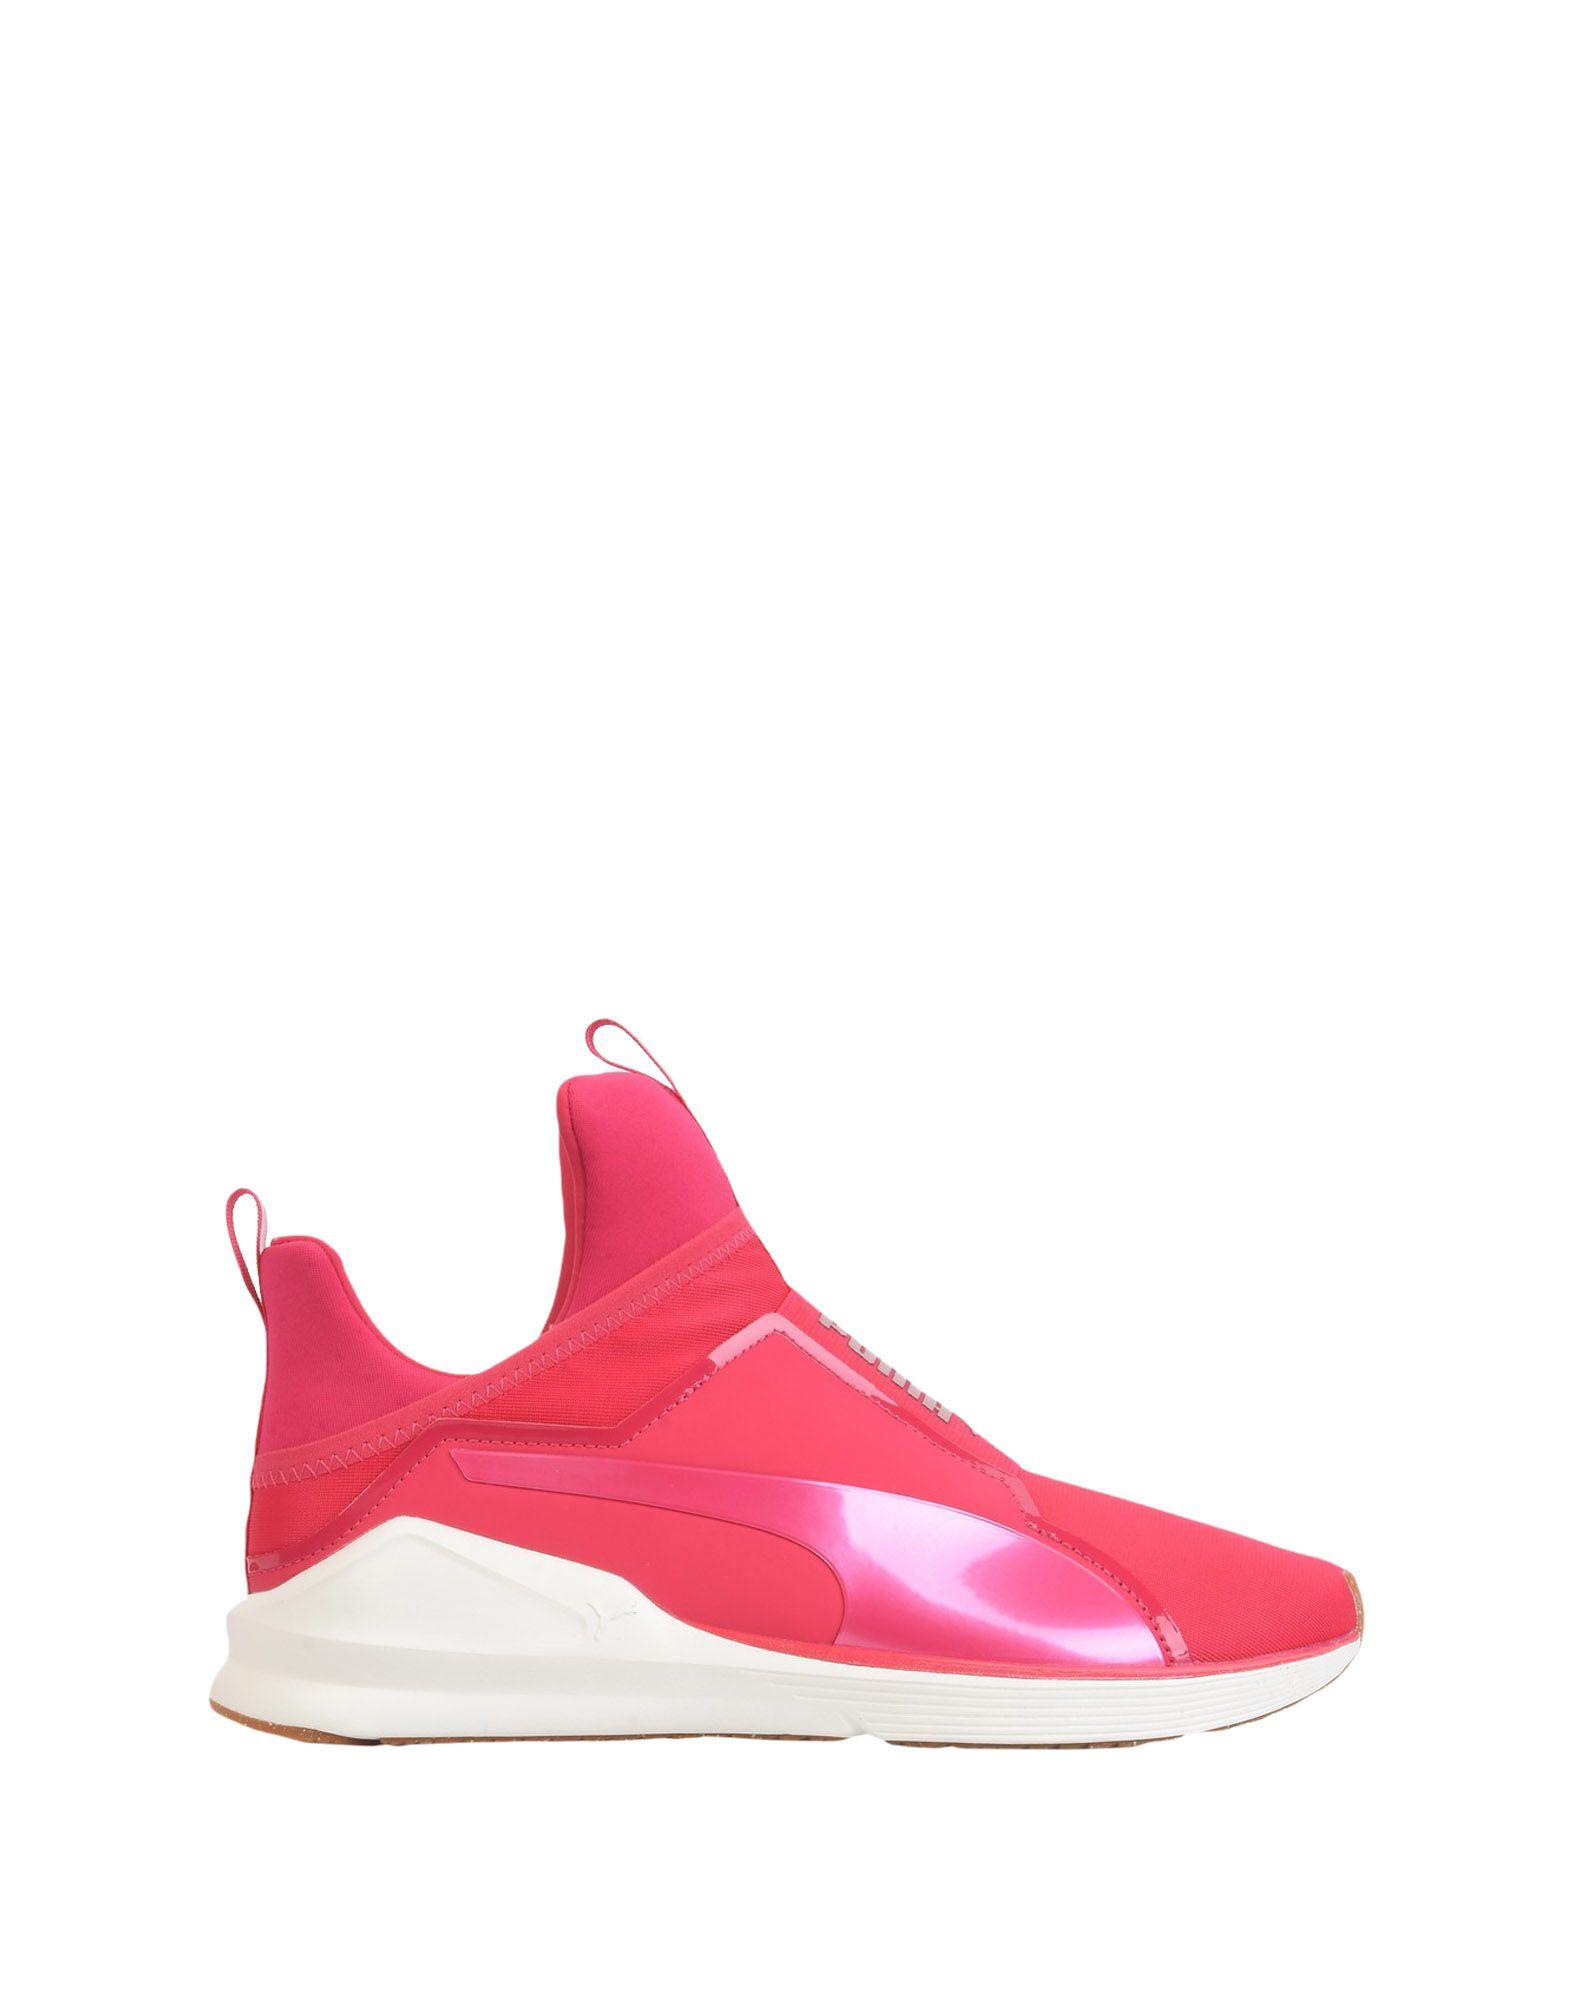 11315408CK Puma Sneakers Damen  11315408CK  e43719